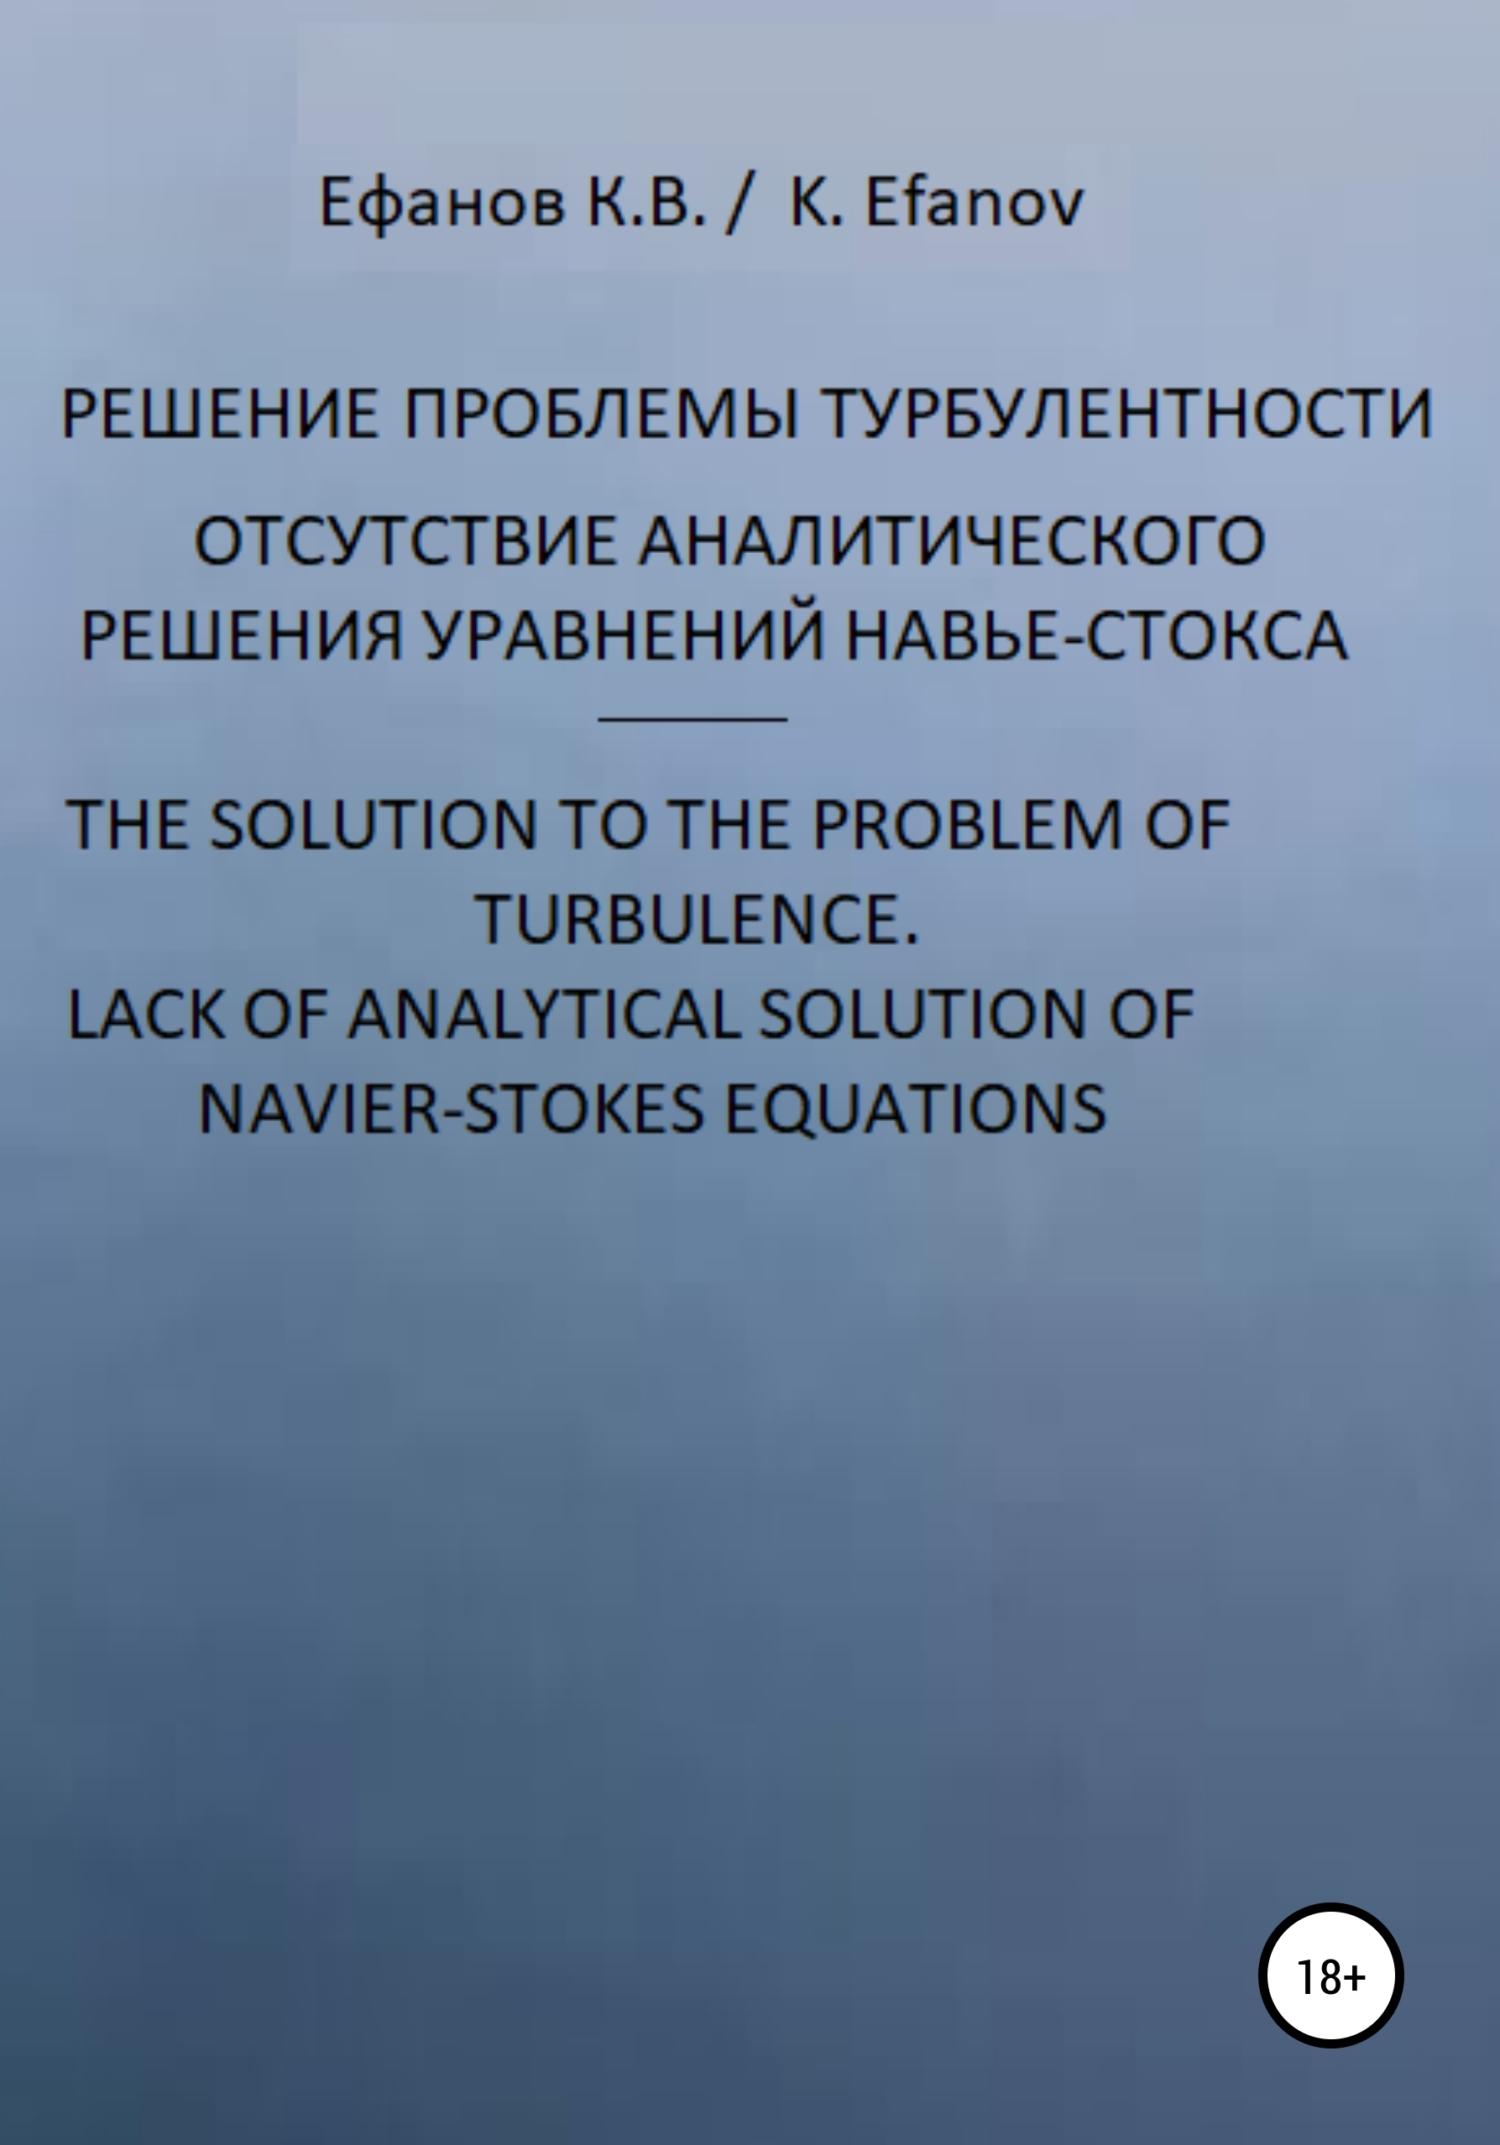 Уравнения Навье-Стокса, отсутствие решения